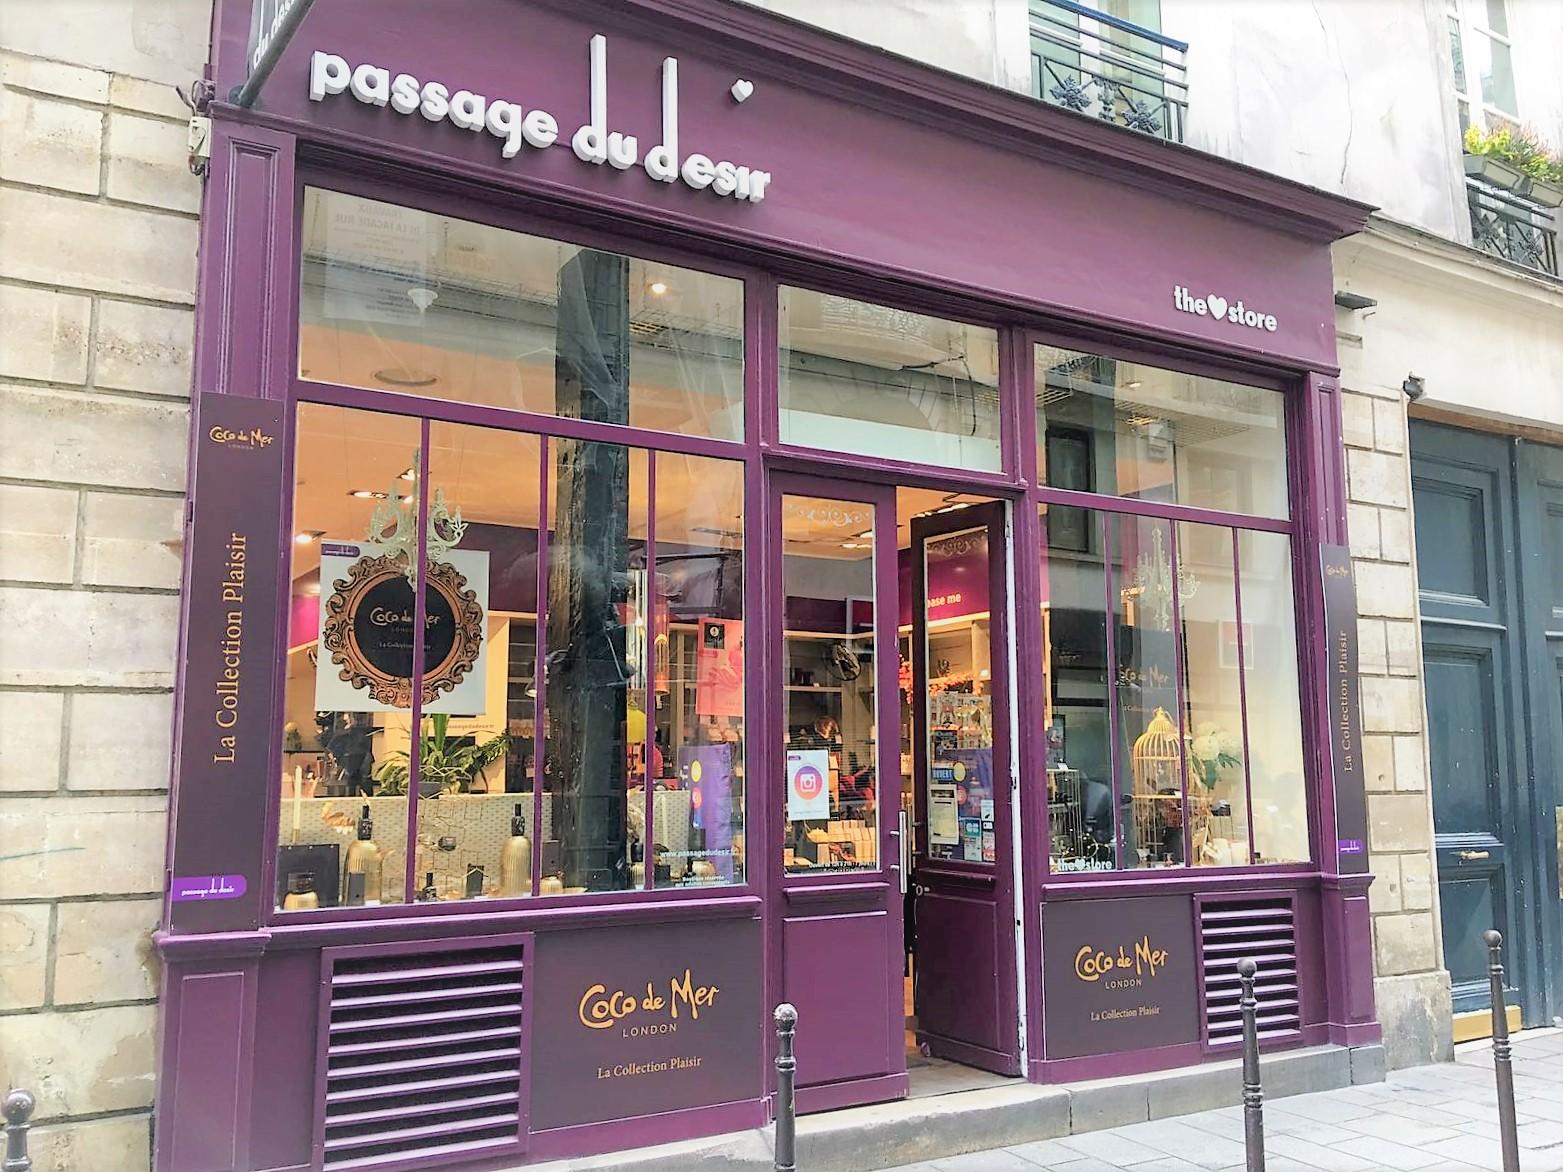 Coco de Mer Passage du Désire in Paris